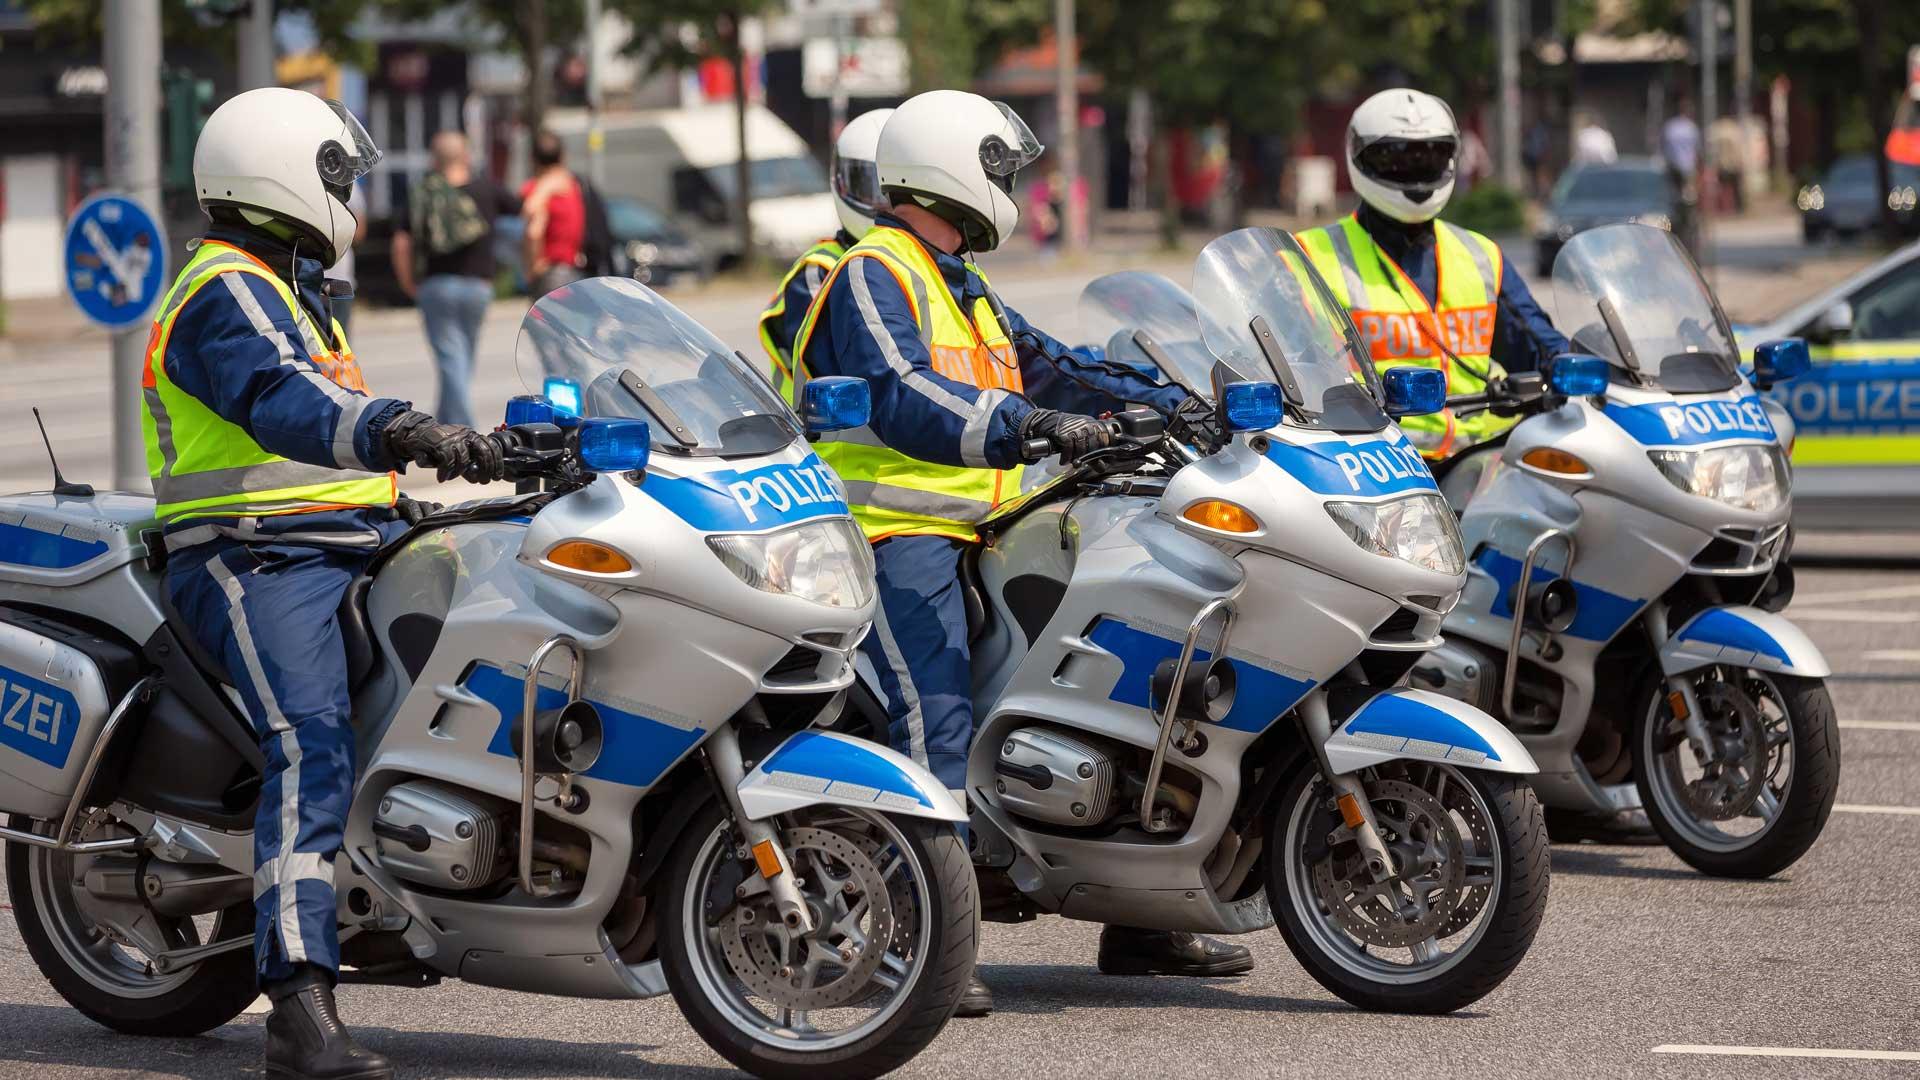 Sicherheit und Ordnung